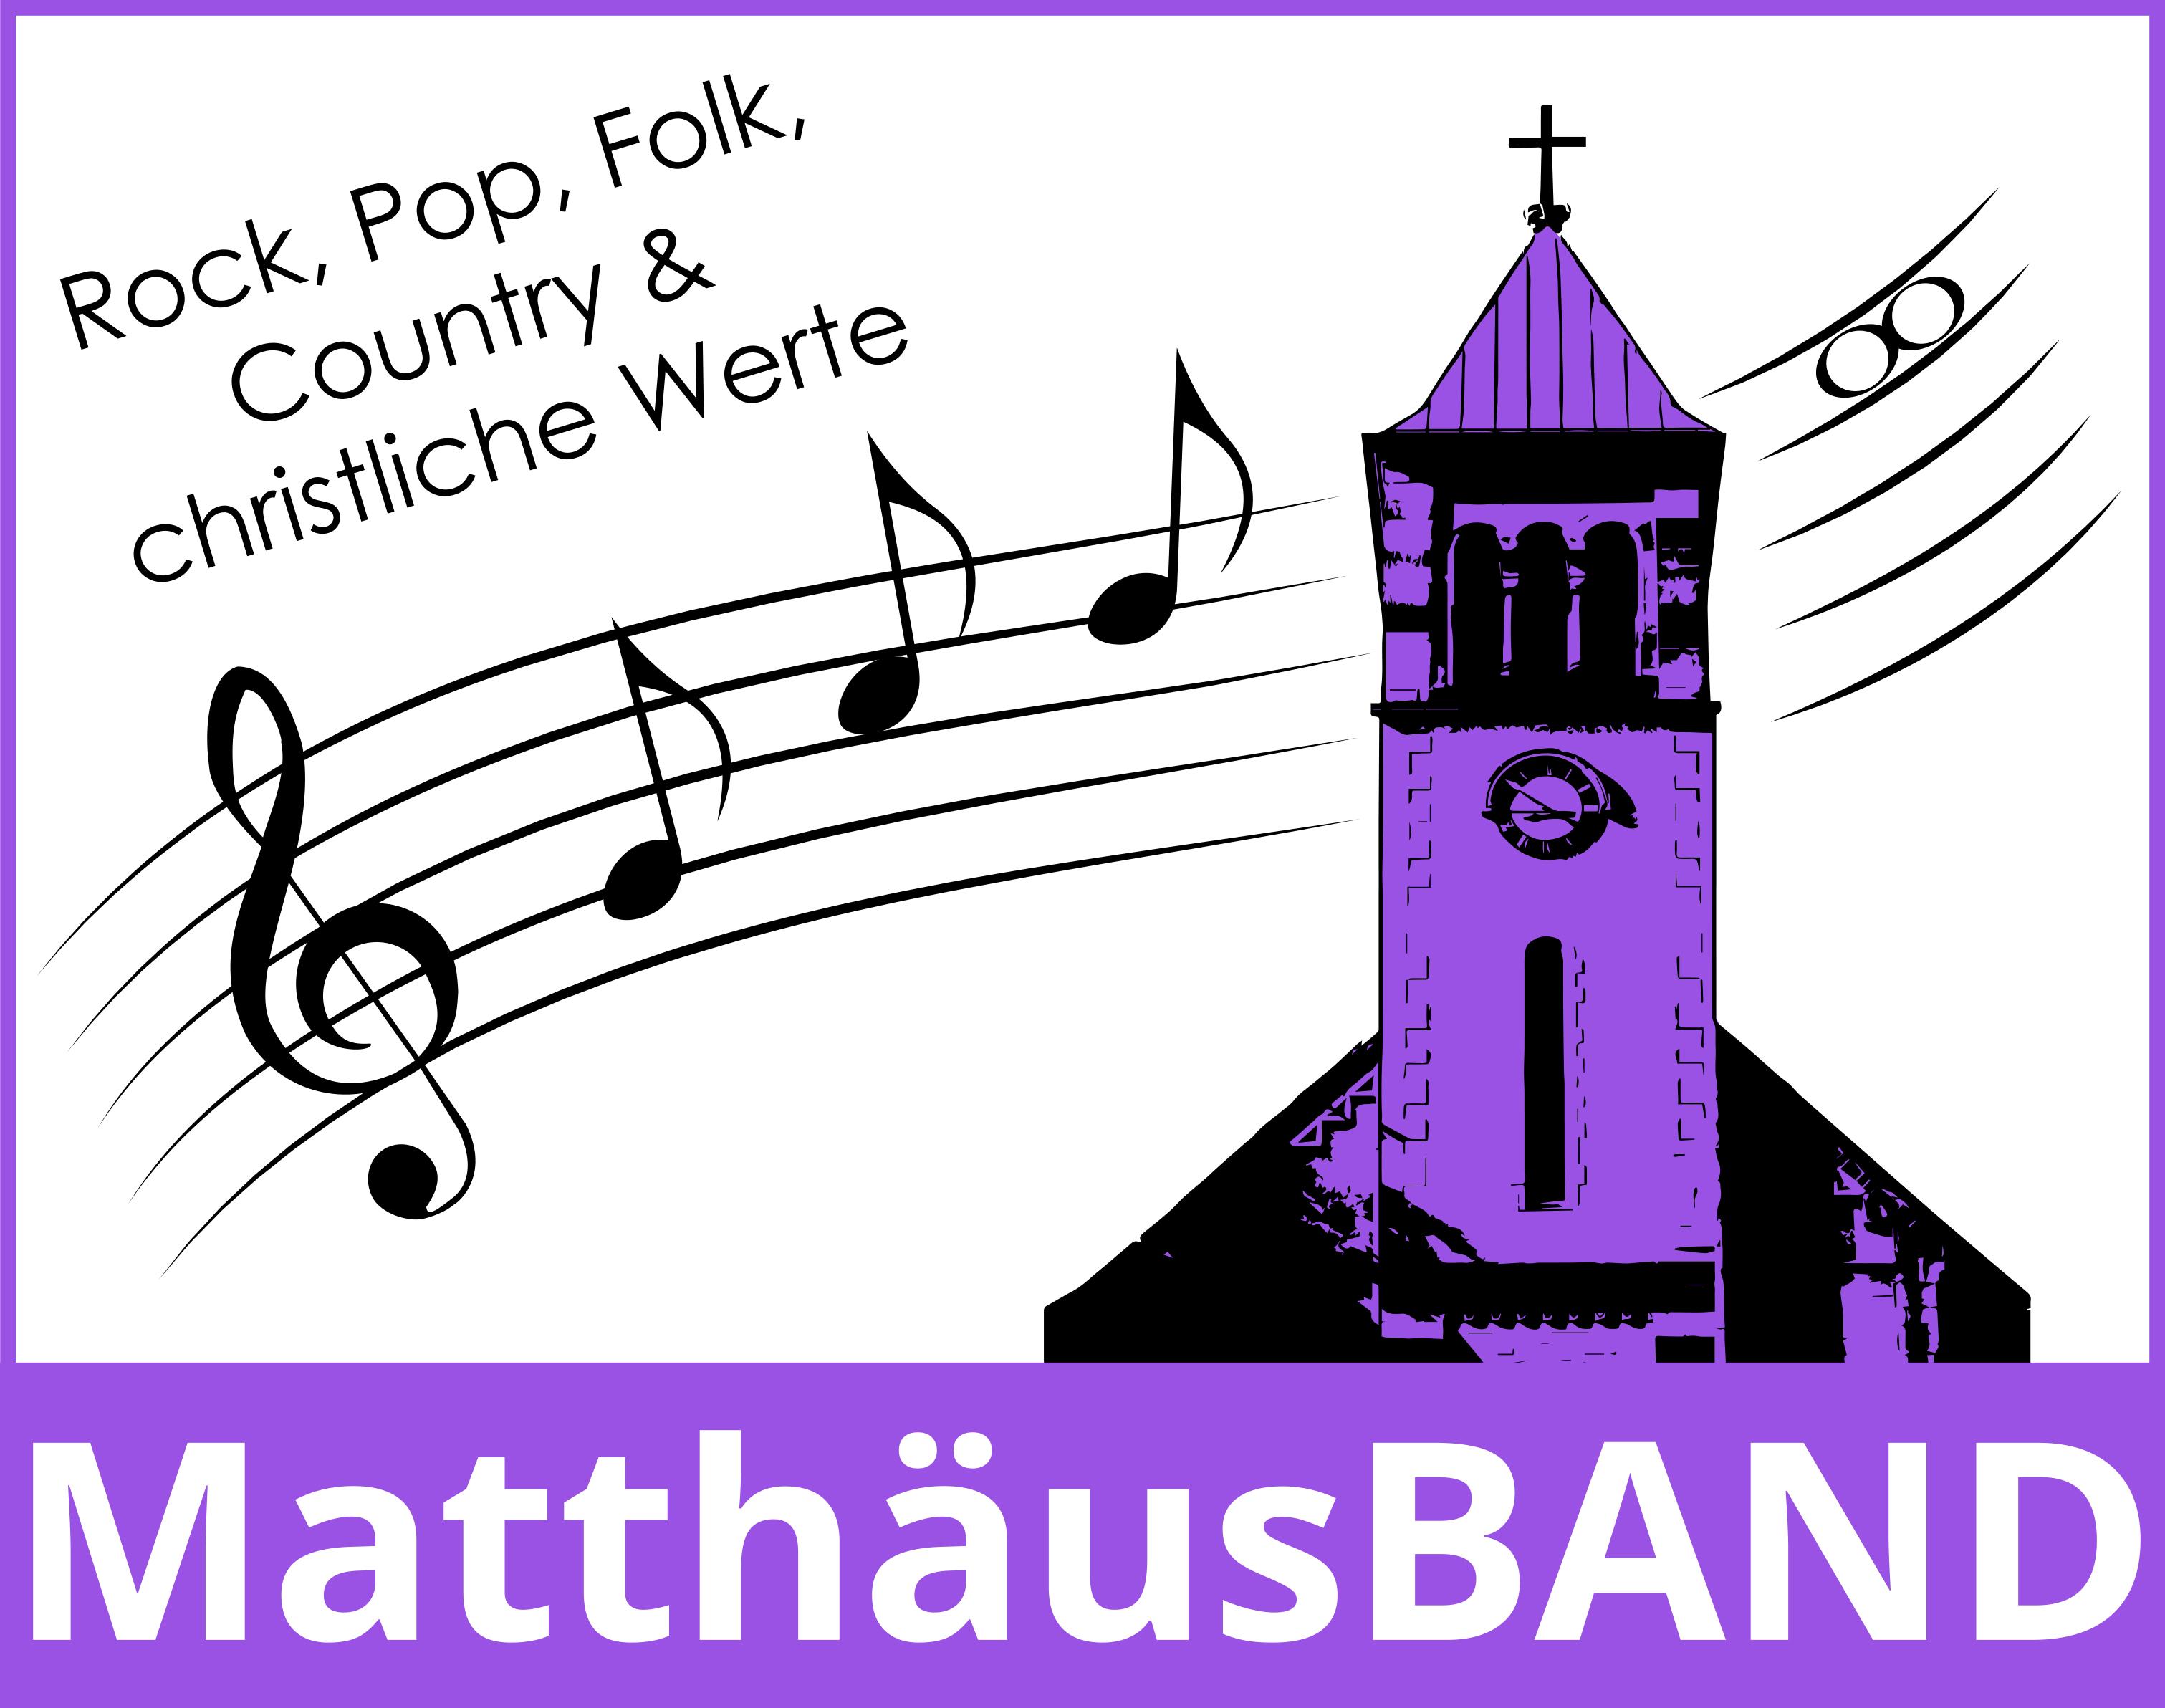 Matthausband Evangelische Matthausgemeinde Sonth